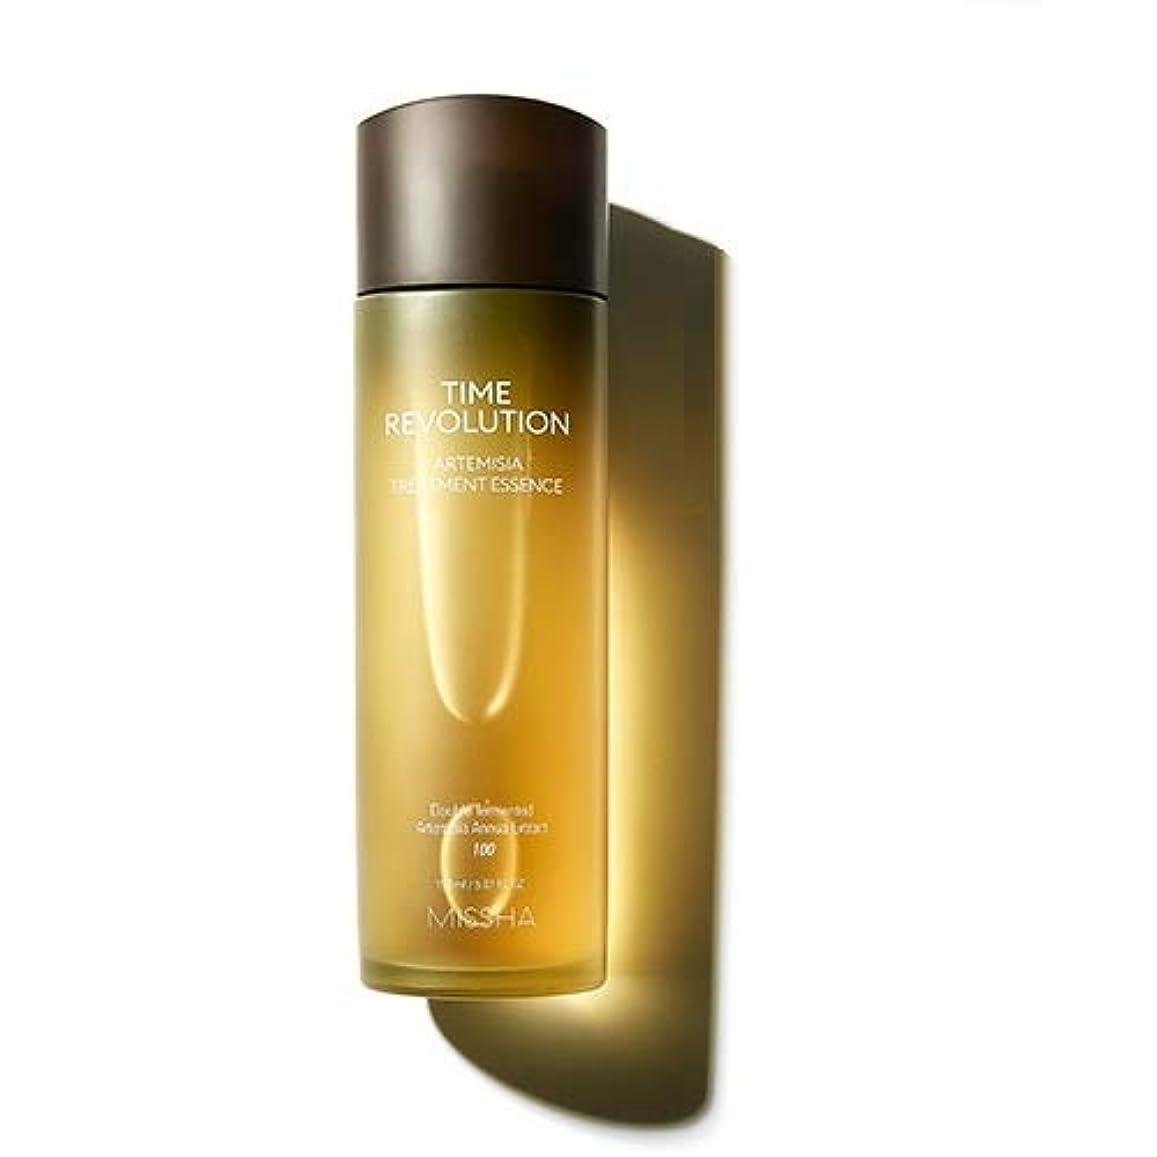 ラダ一方、演劇MISSHA TIME REVOLUTION Artemisia Treatment Essence 150ml ミシャ タイム レボリューション アルテミシアトリートメントエッセンス 150ml (ヨモギエッセンス)...